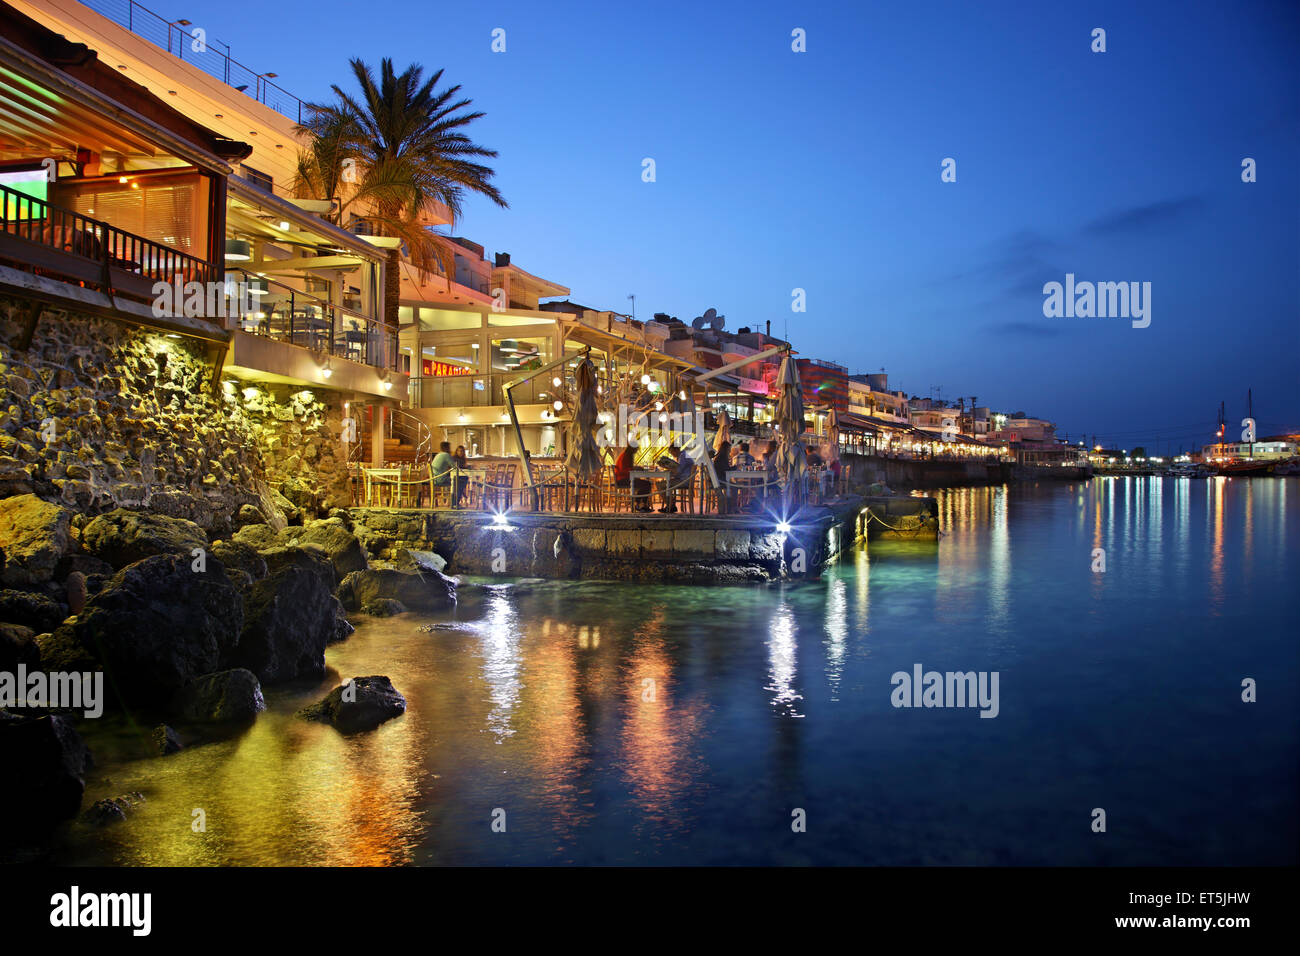 Best Restaurants In Hersonissos